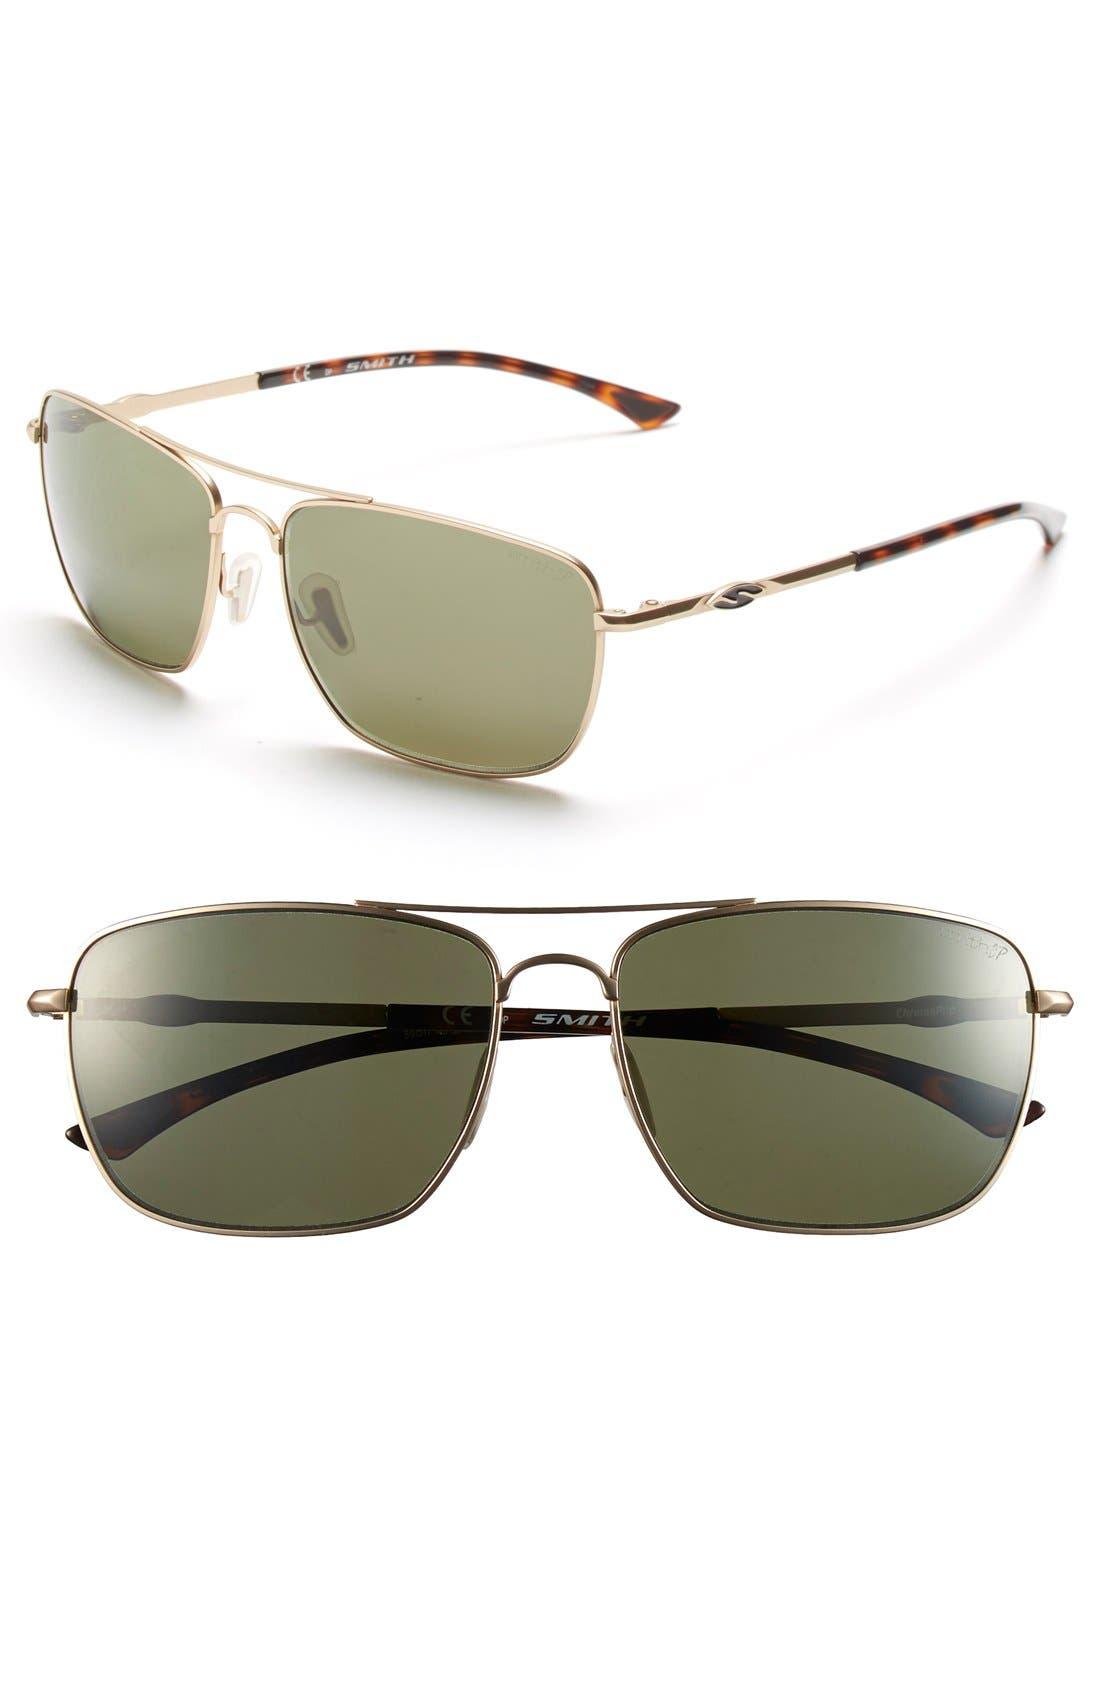 Main Image - Smith 'Nomad' 59mm Polarized Sunglasses